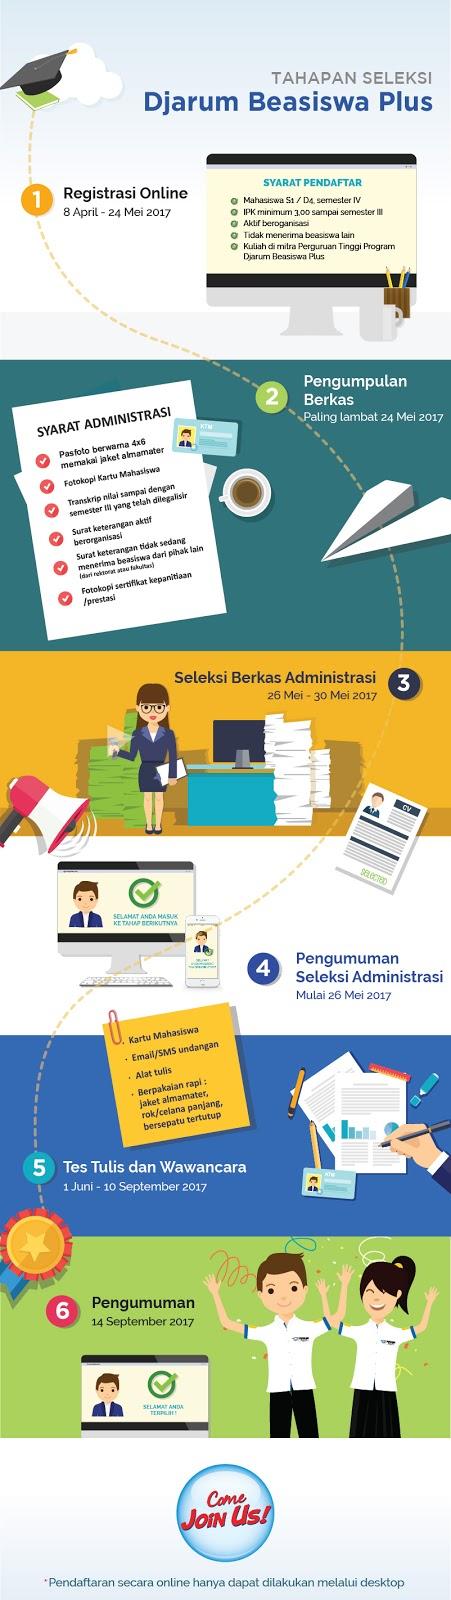 Pendaftaran Djarum Beasiswa Plus 2017/2018 sudah dibuka